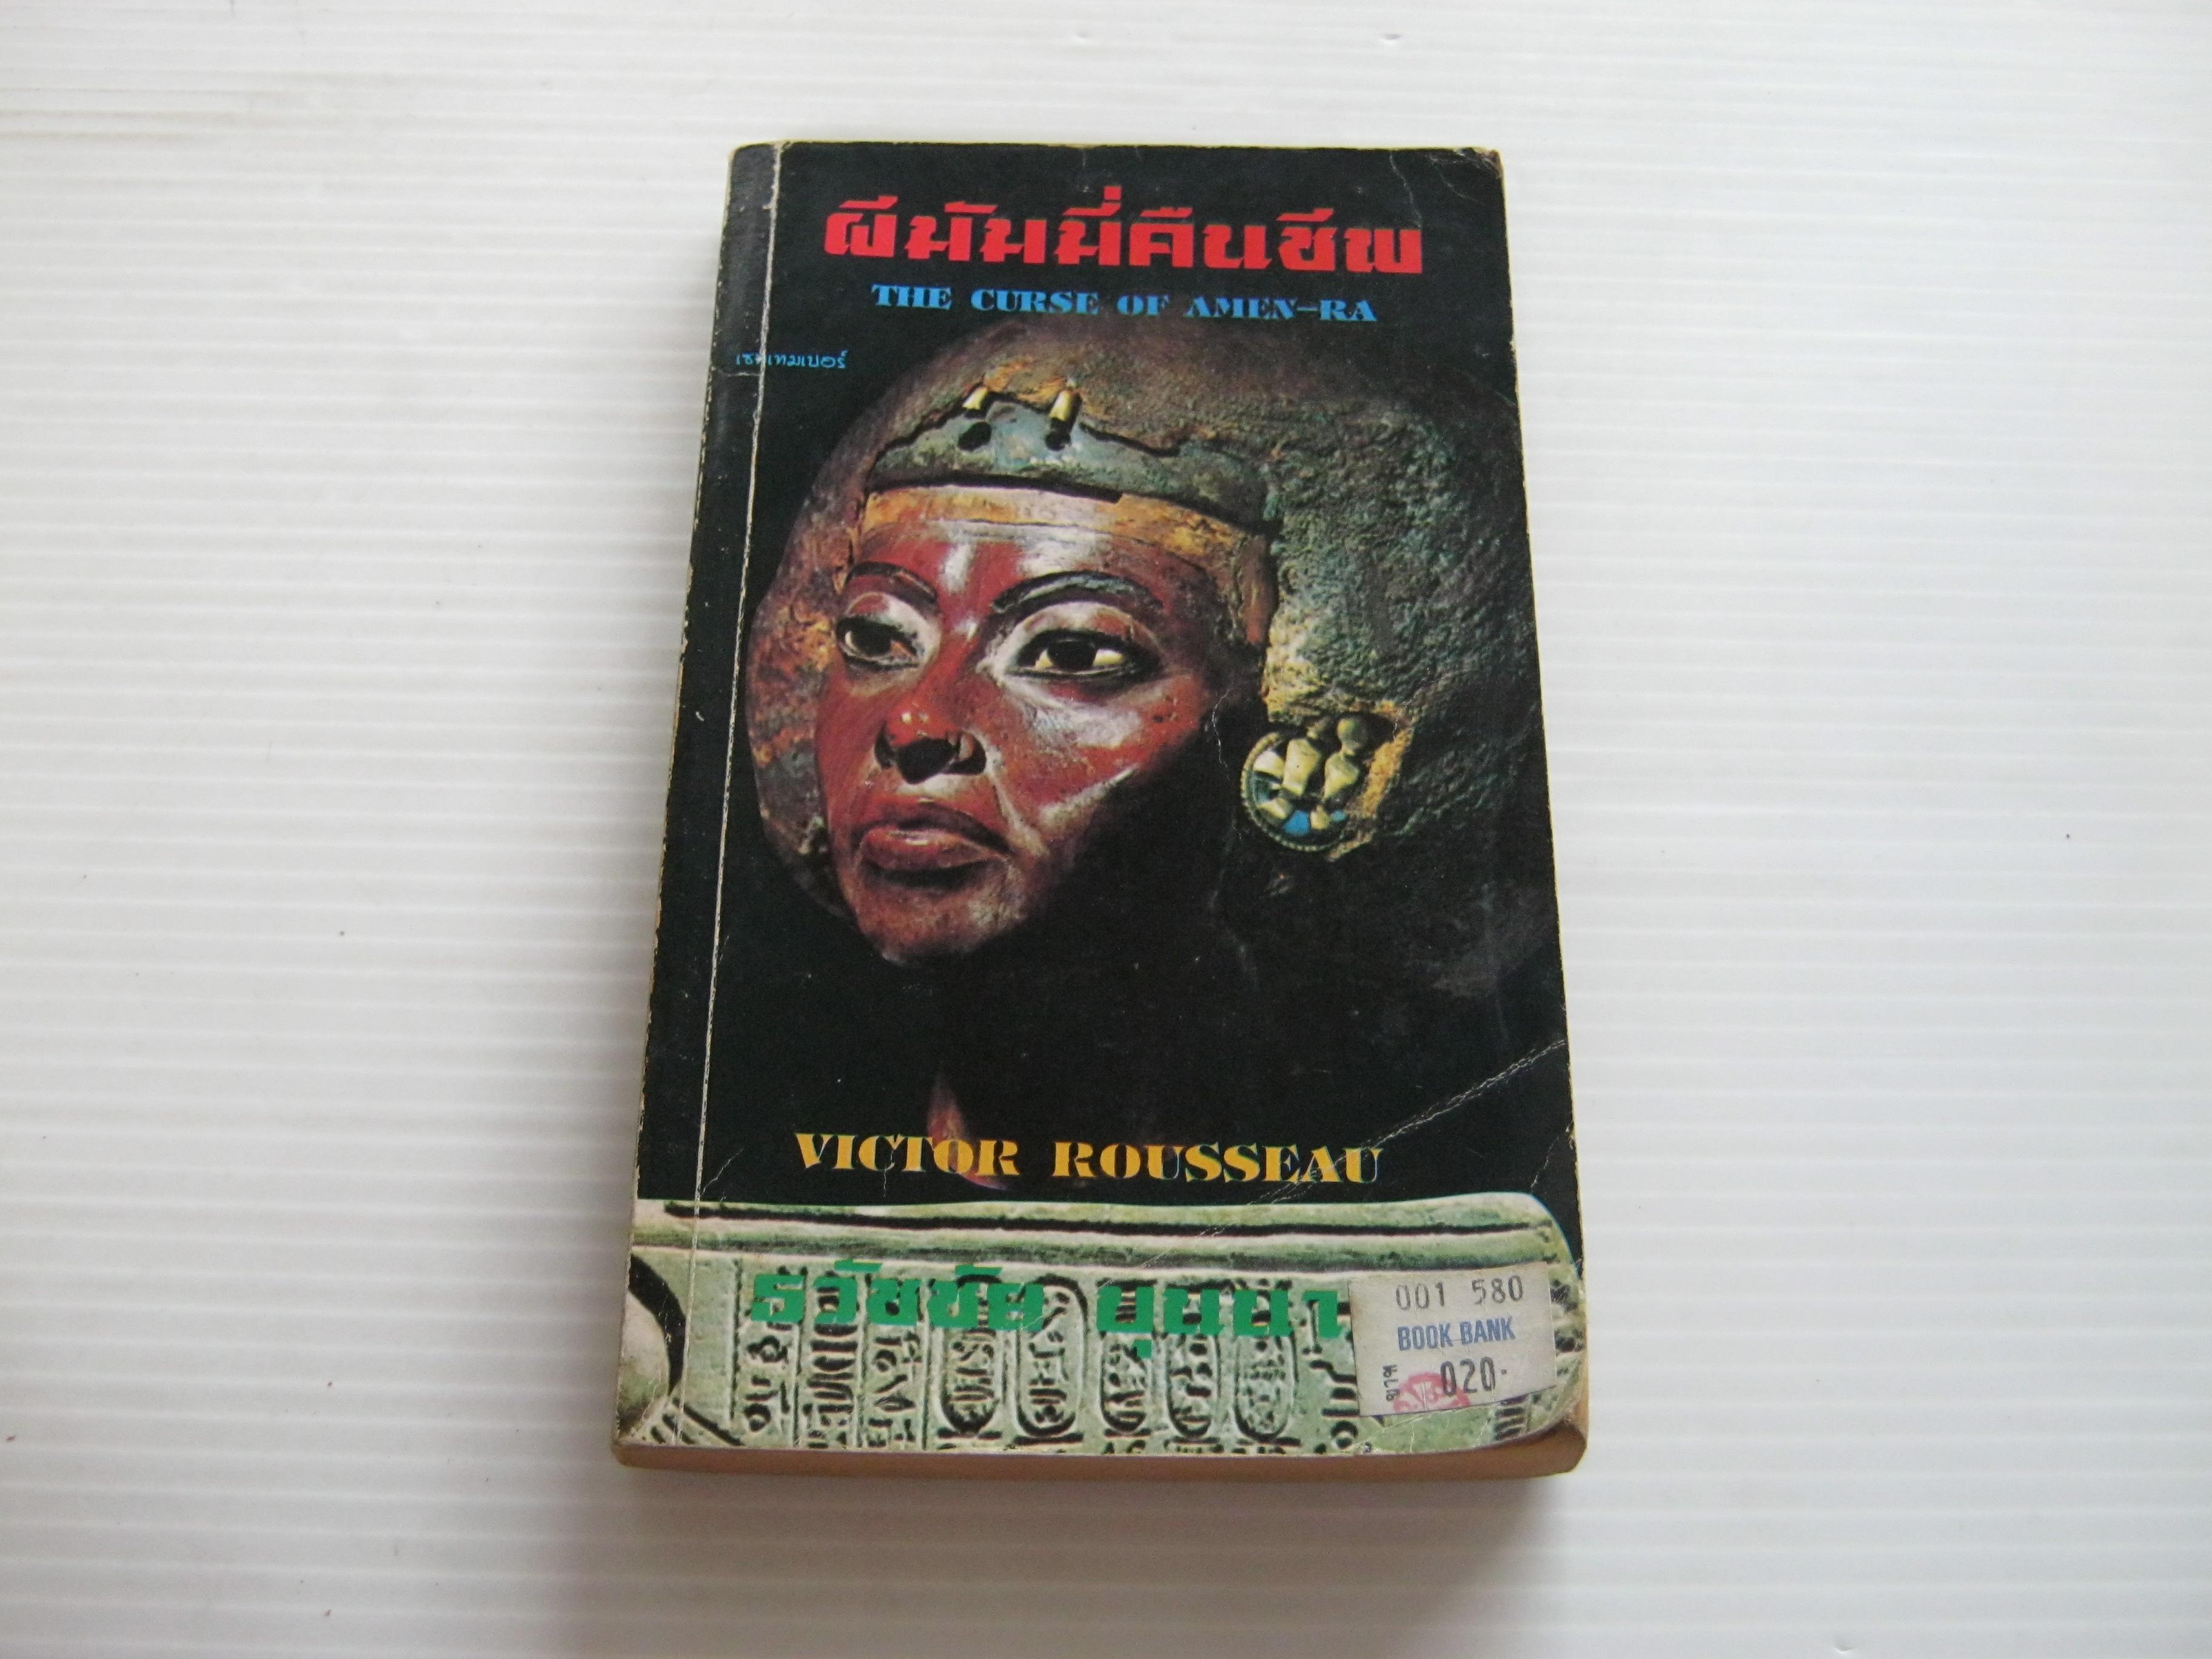 ผีมัมมี่คืนชีพ (The Curse of Amen-Ra) Victor Rousseau เขียน ธวัชชัย บุนนาค แปล